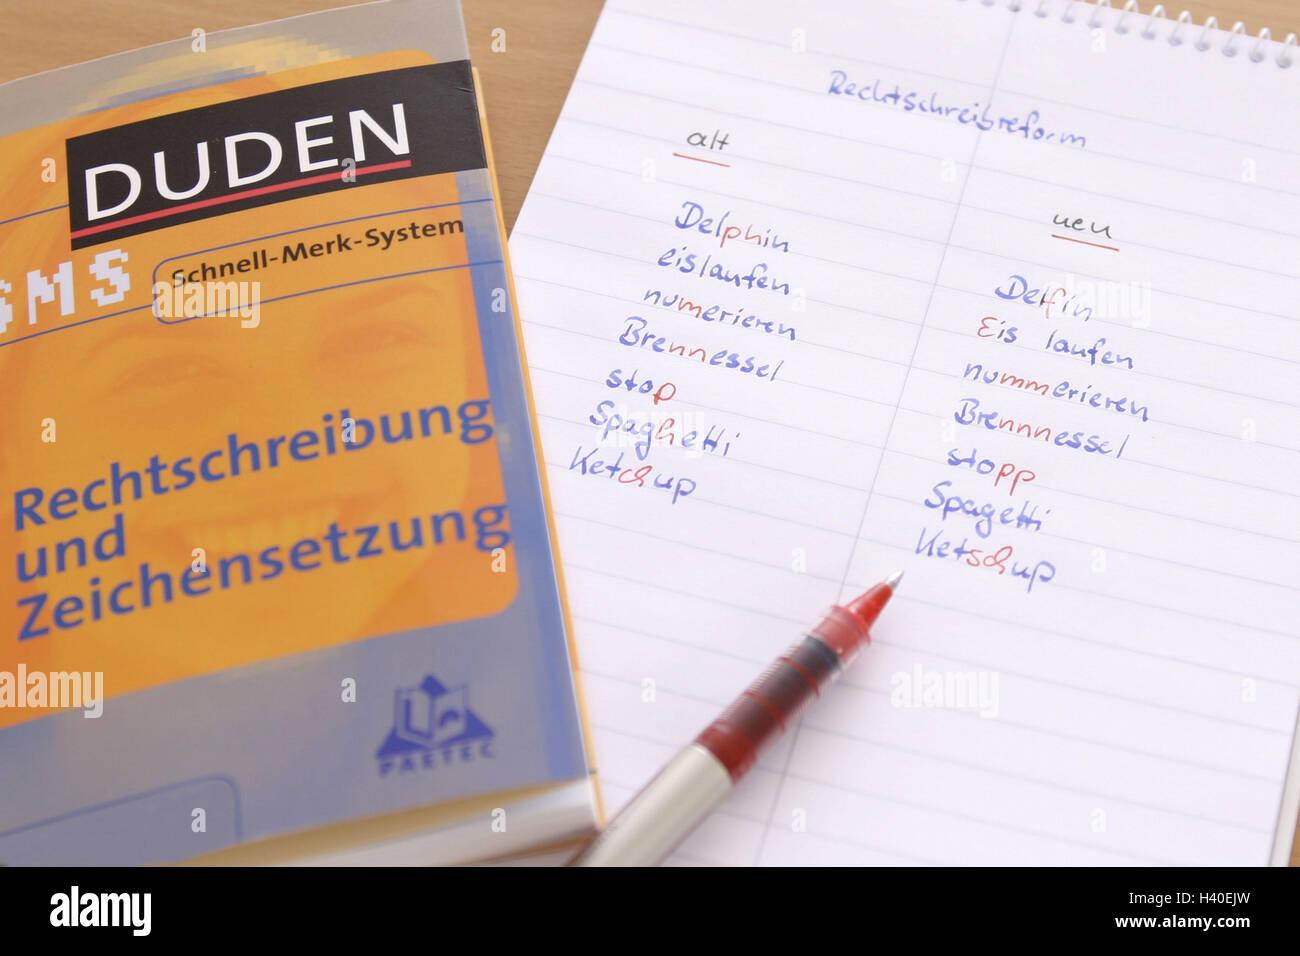 Spelling Reform Block Vergleich Art Und Weise Schreiben Alt Neu